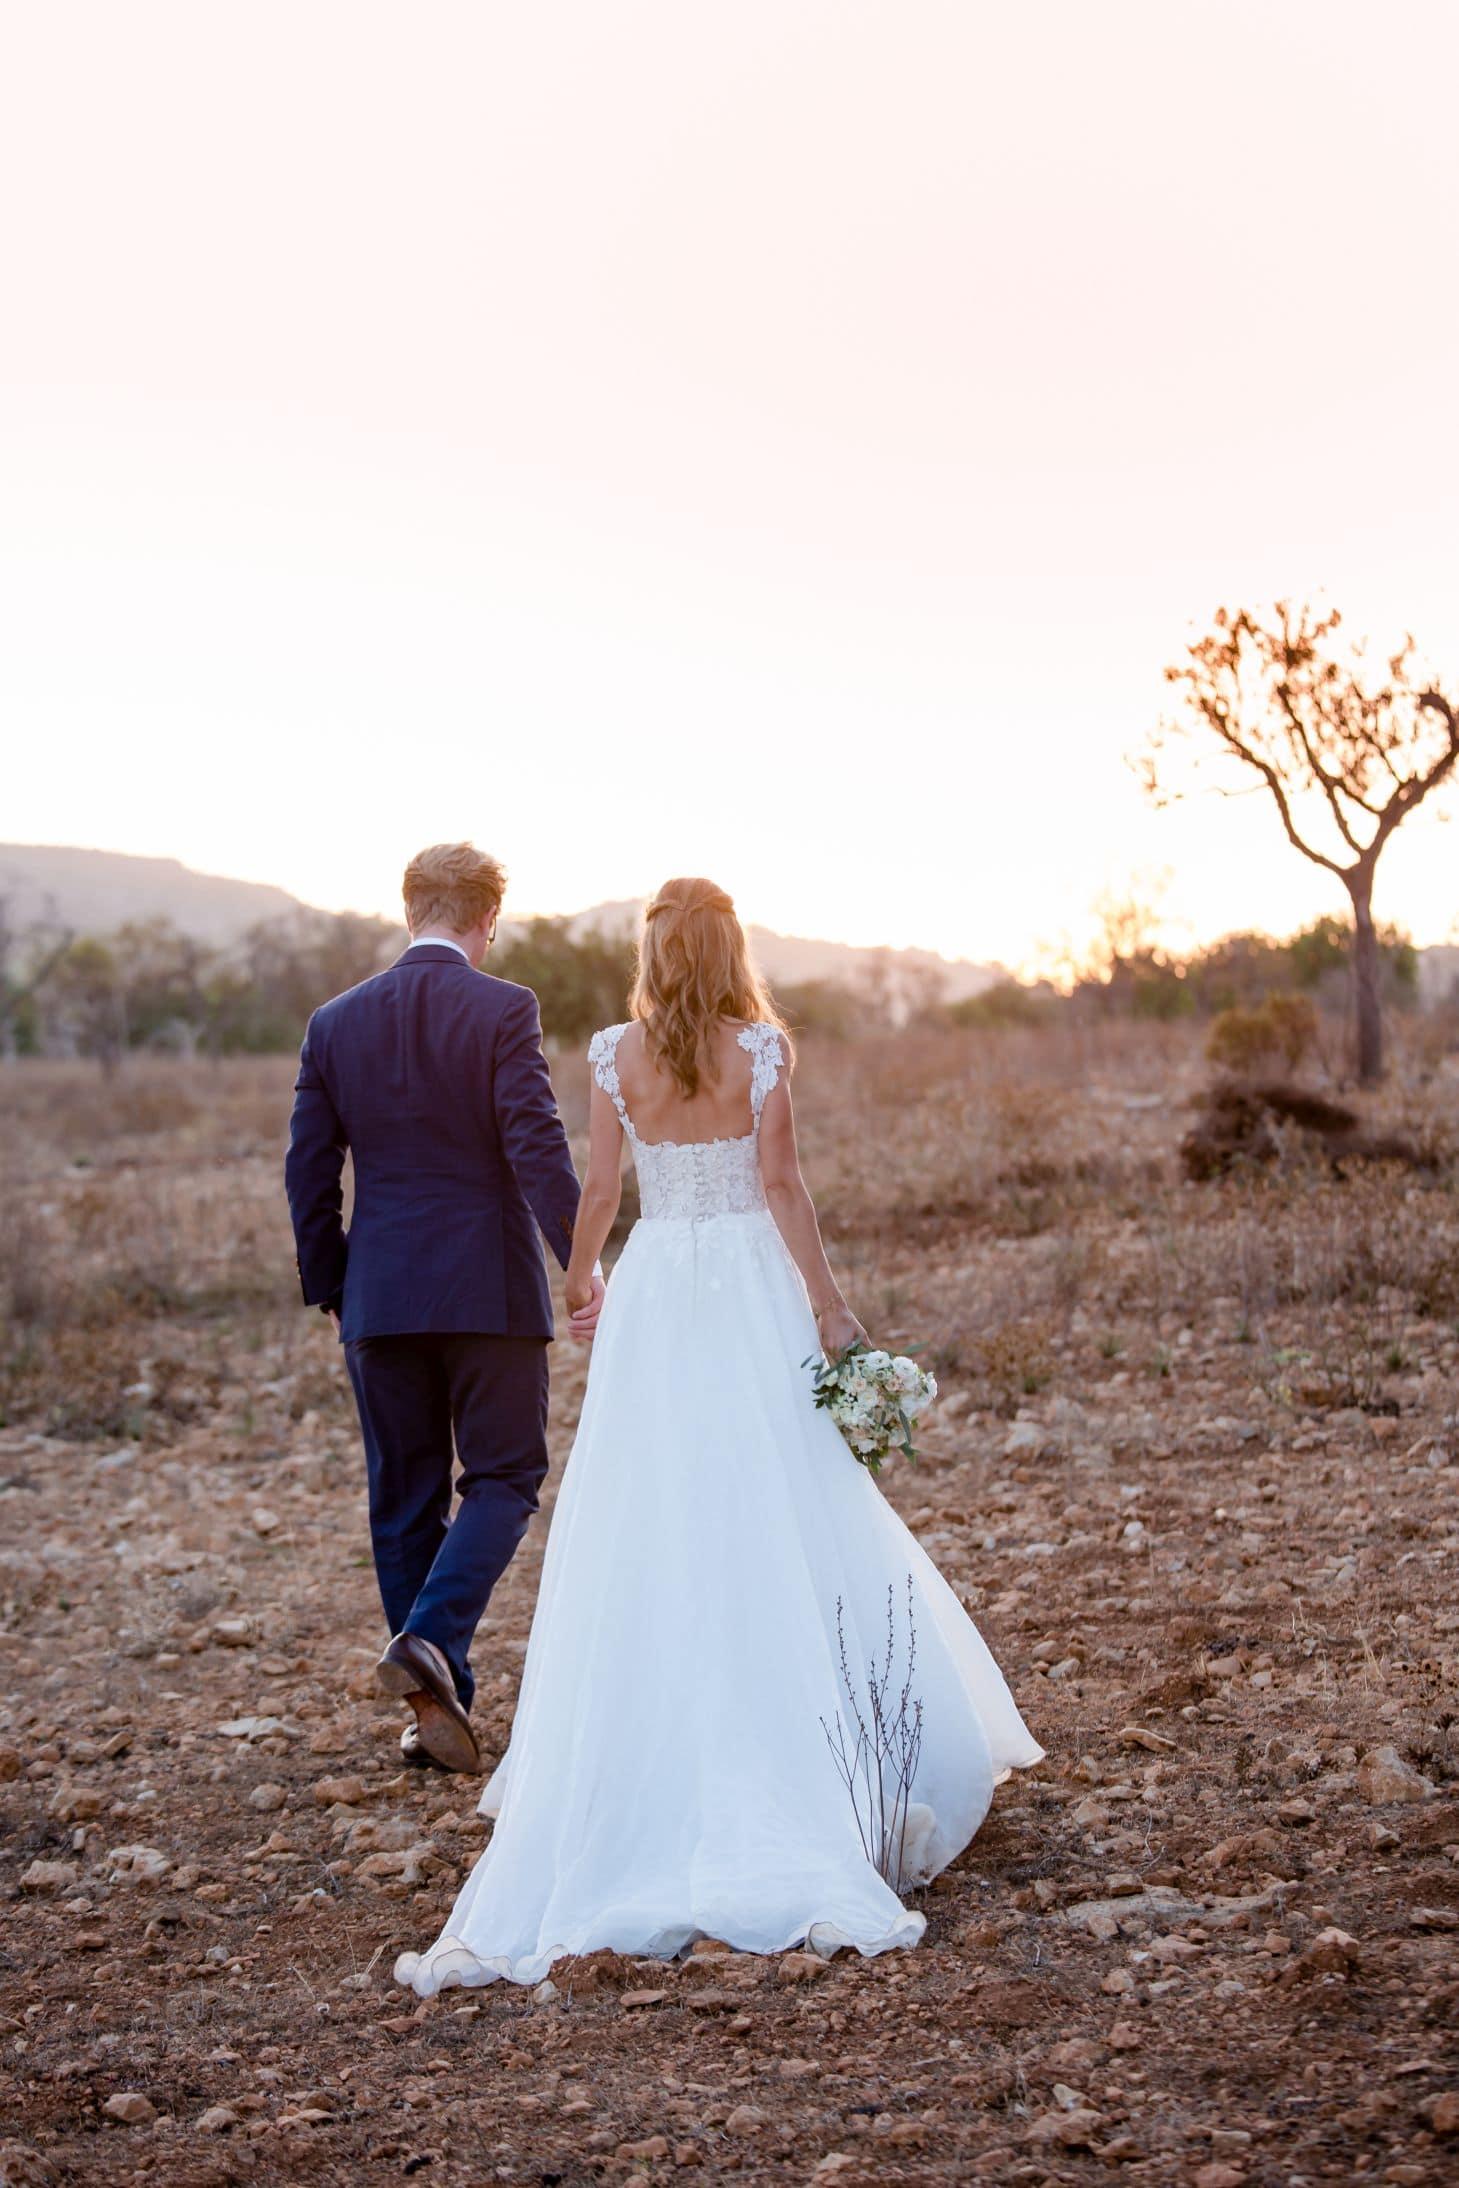 Million Memories_S&J_Hochzeitsfotograf_Mallorca_Spain_Wedding_Spanien Hochzeit_Balearen_Balearic islands_144